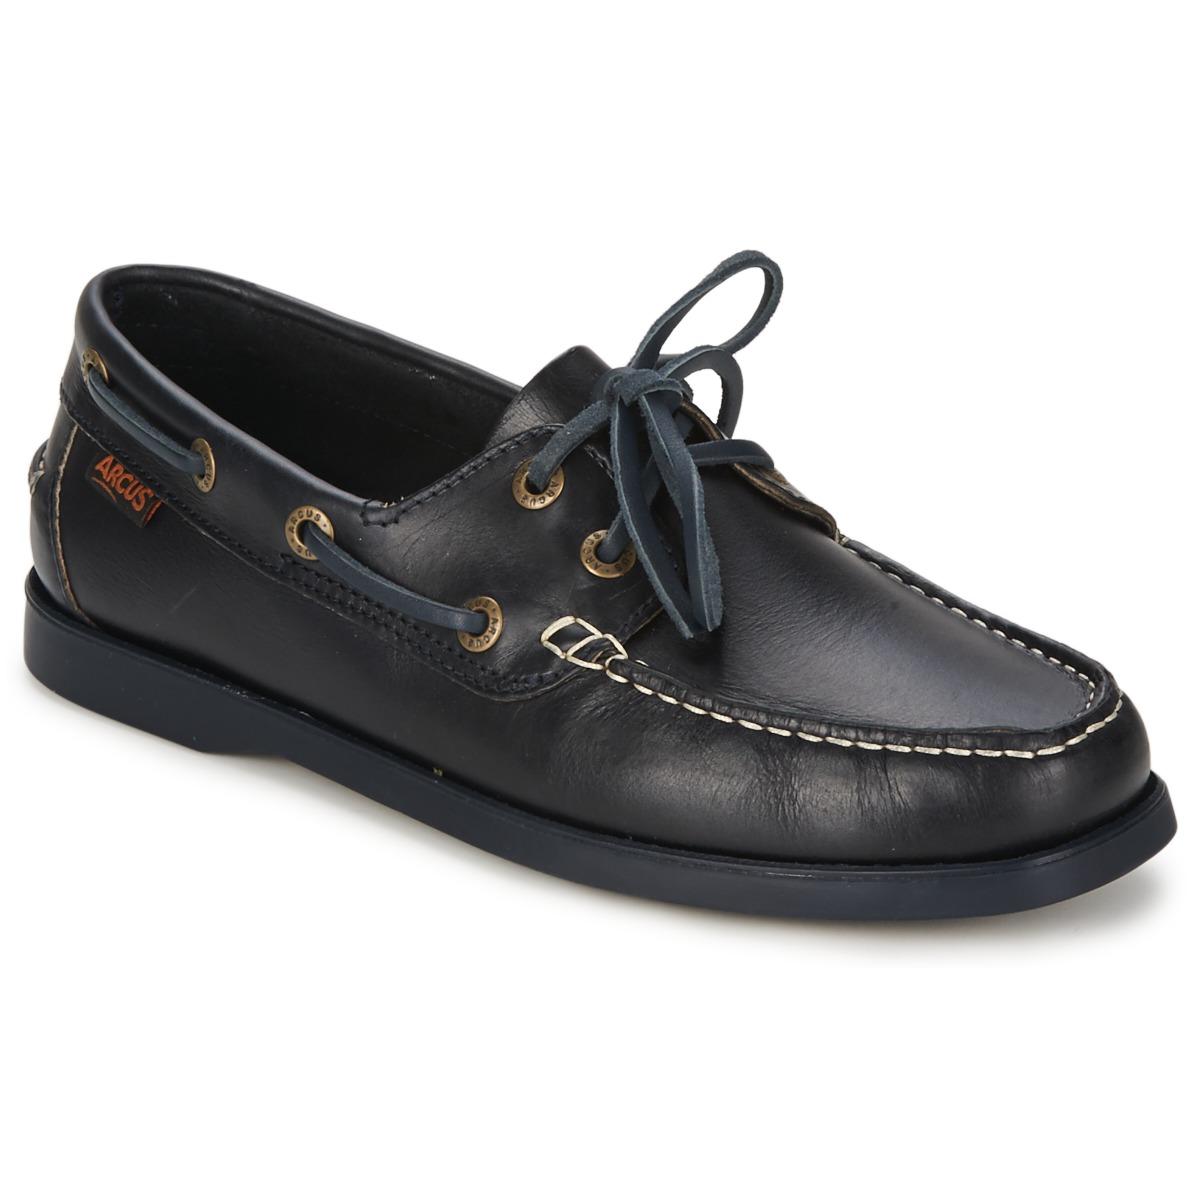 chaussures bateau arcus bermudes marine livraison gratuite avec chaussures. Black Bedroom Furniture Sets. Home Design Ideas